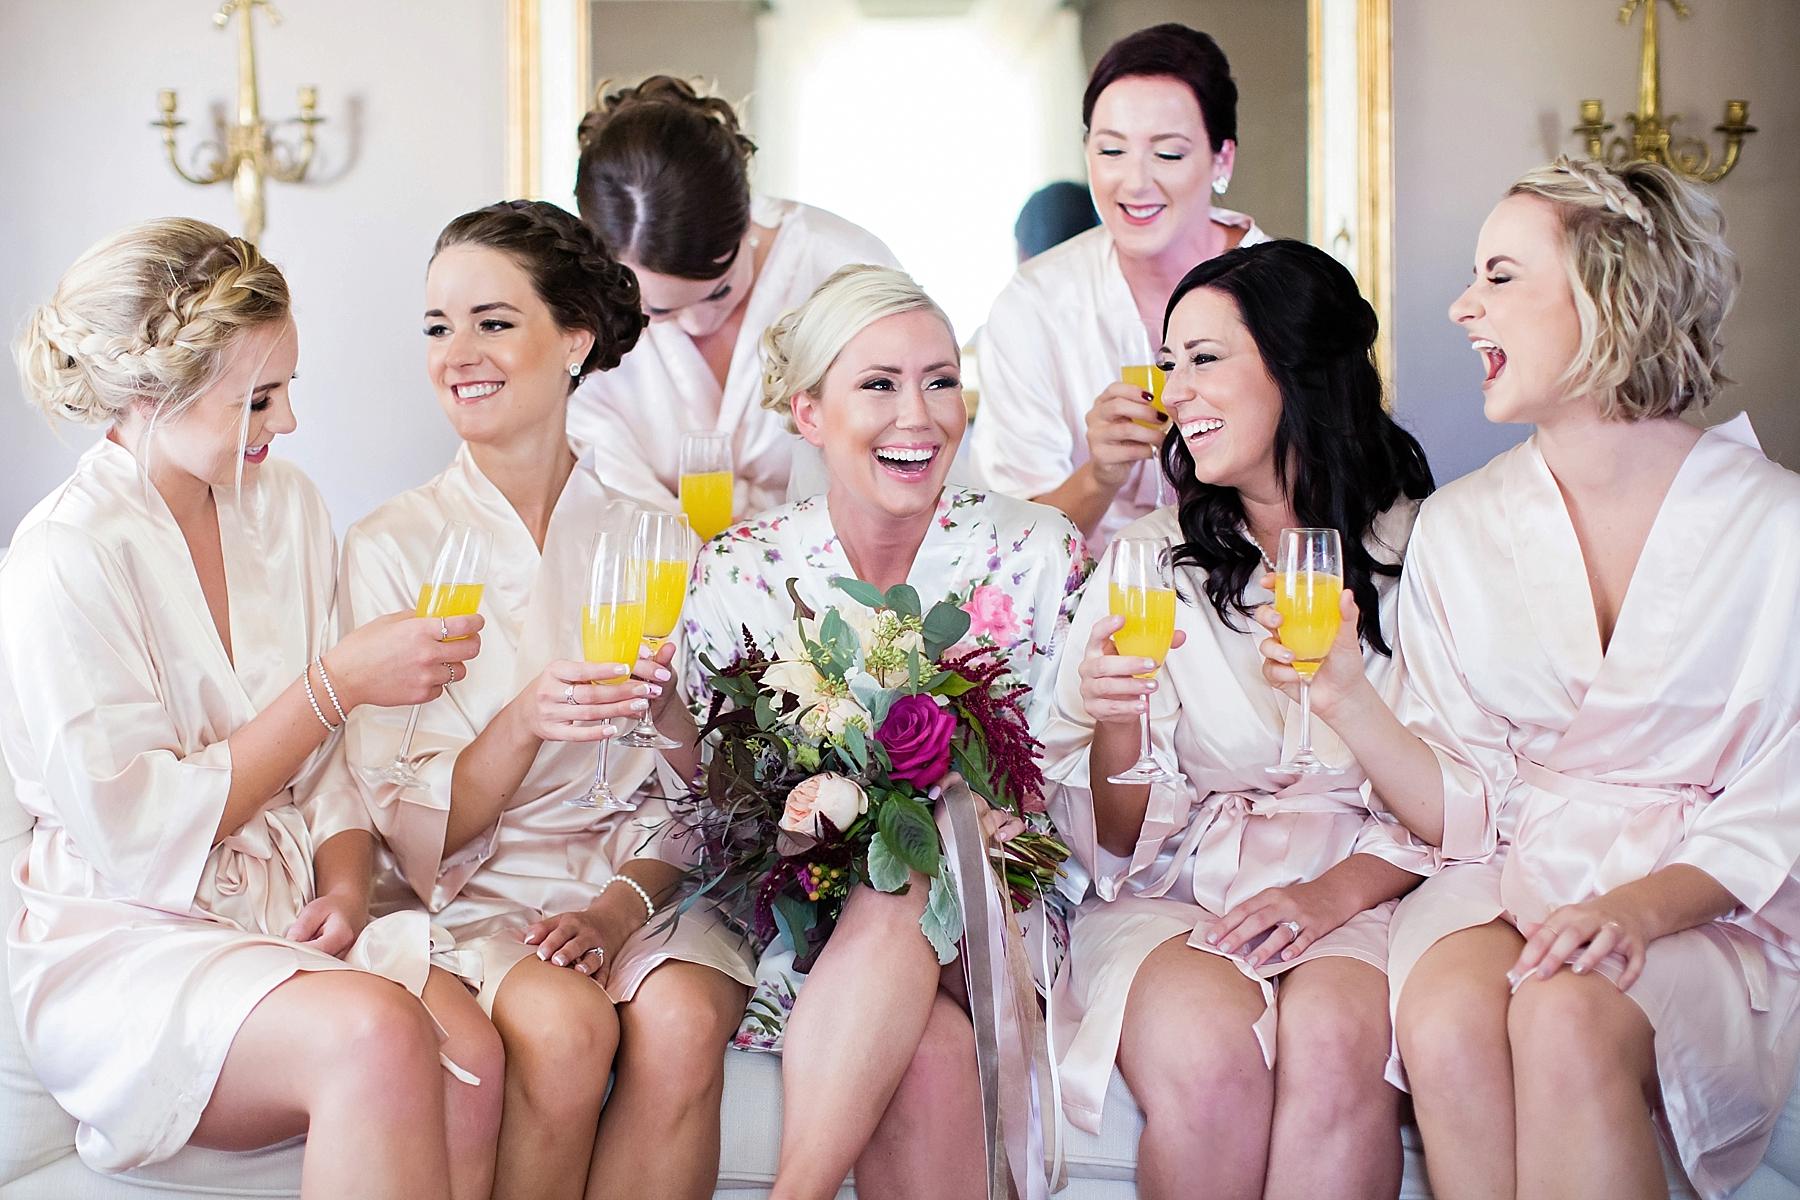 windsor-wedding-photographer-essex-golf-country-club-wedding-eryn-shea-photography_0012.jpg